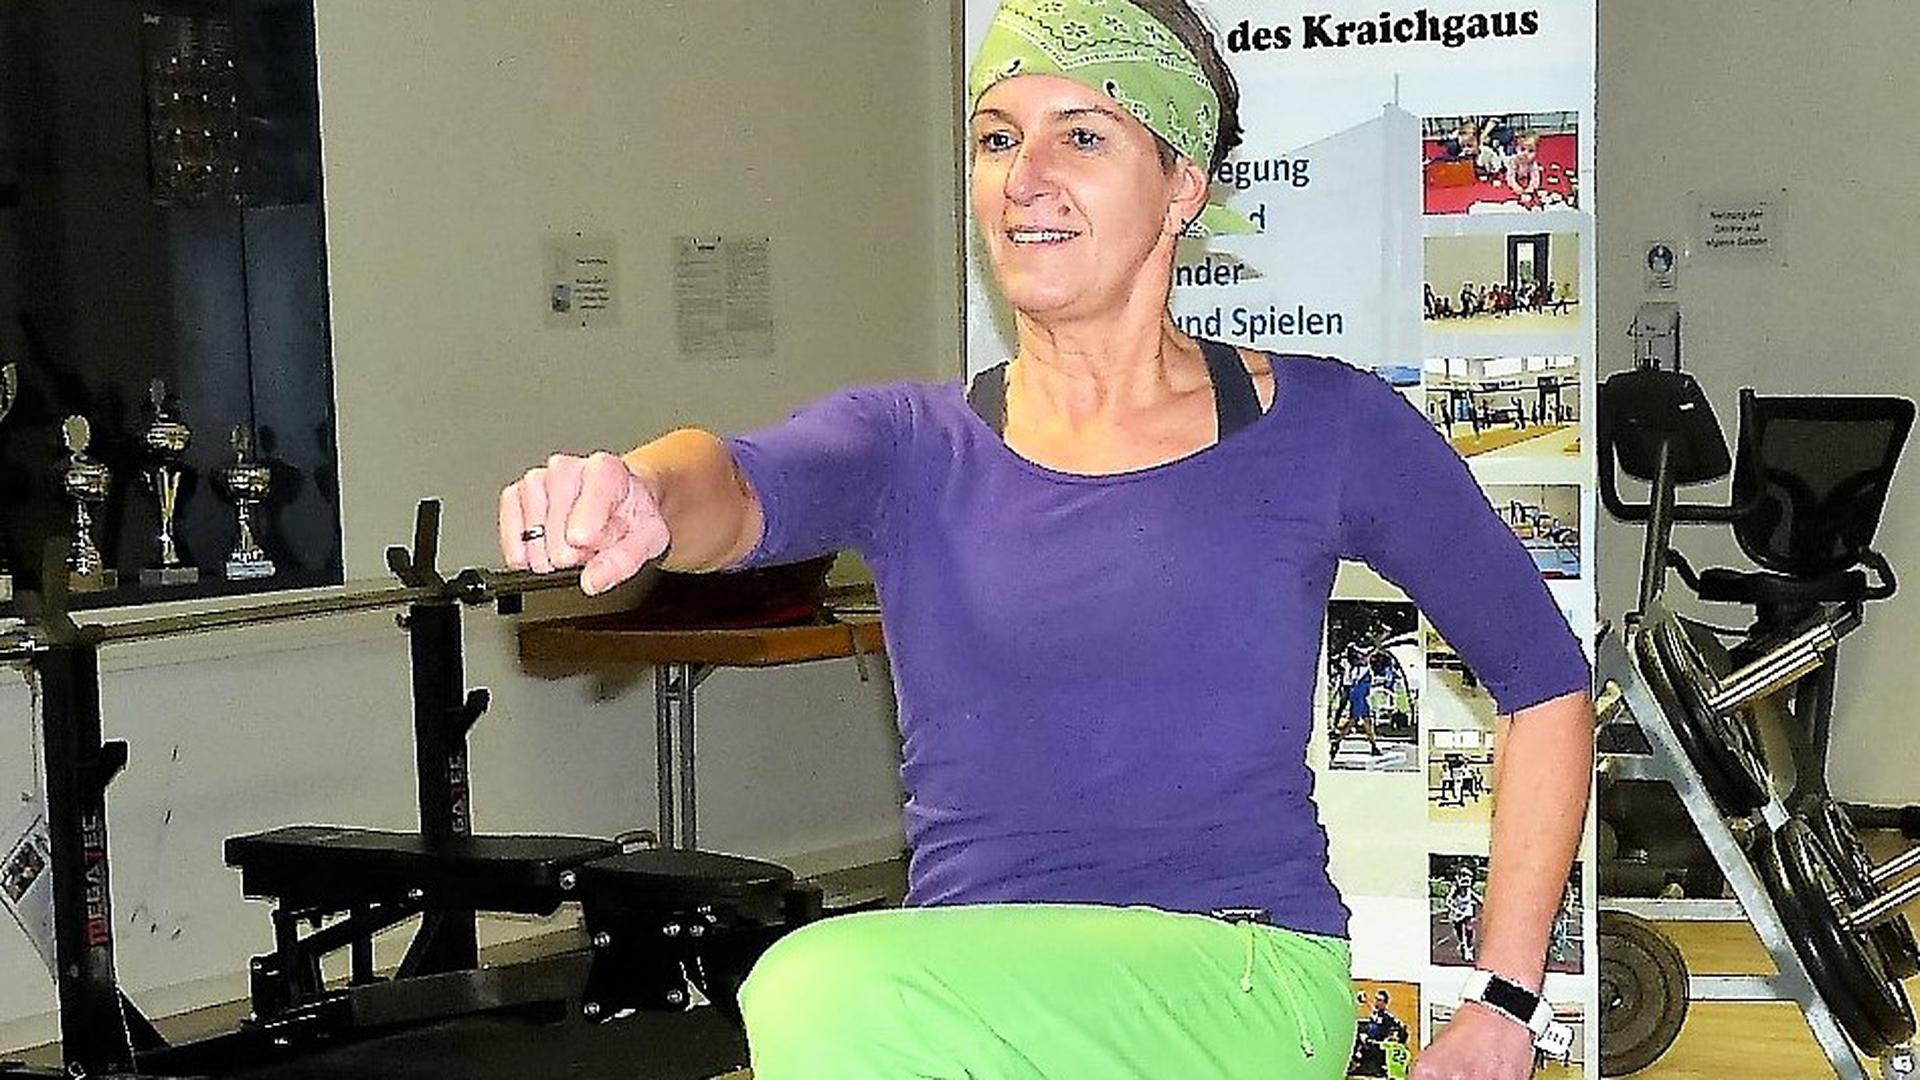 Anke Kraus freut sich bereits auf ihr Ganzkörpertraining am 30. Dezember.